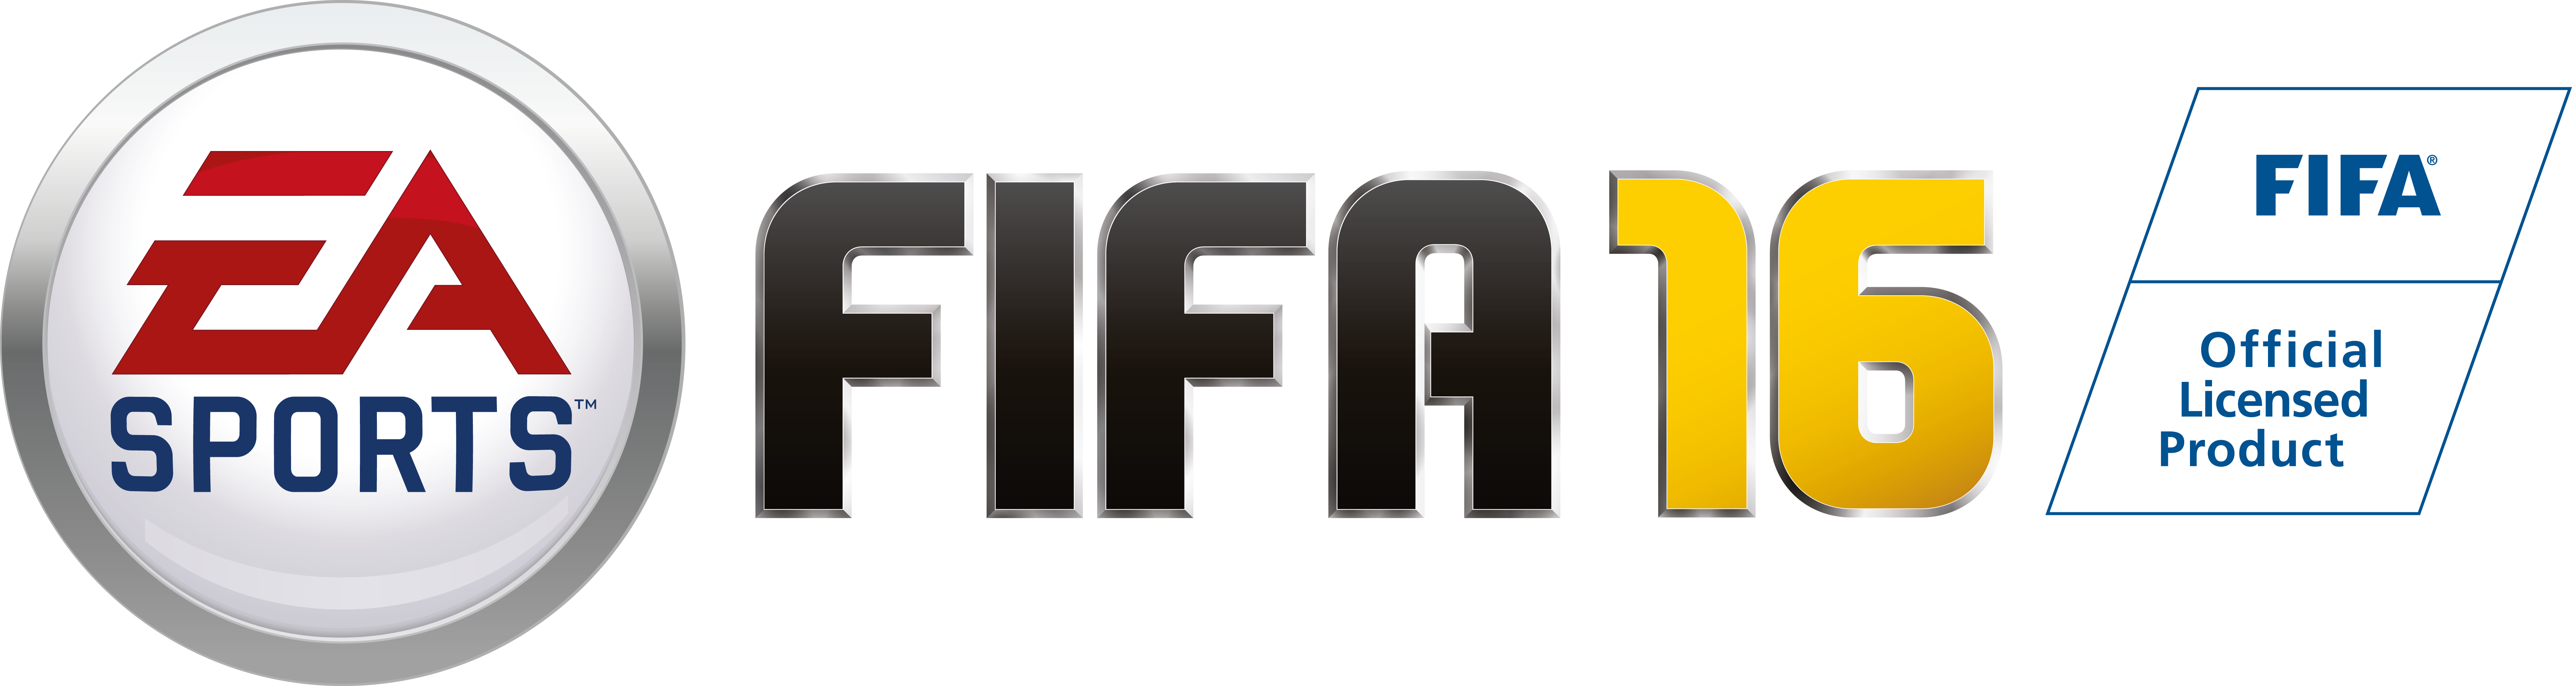 Fifa_16_logo - Fifa PNG